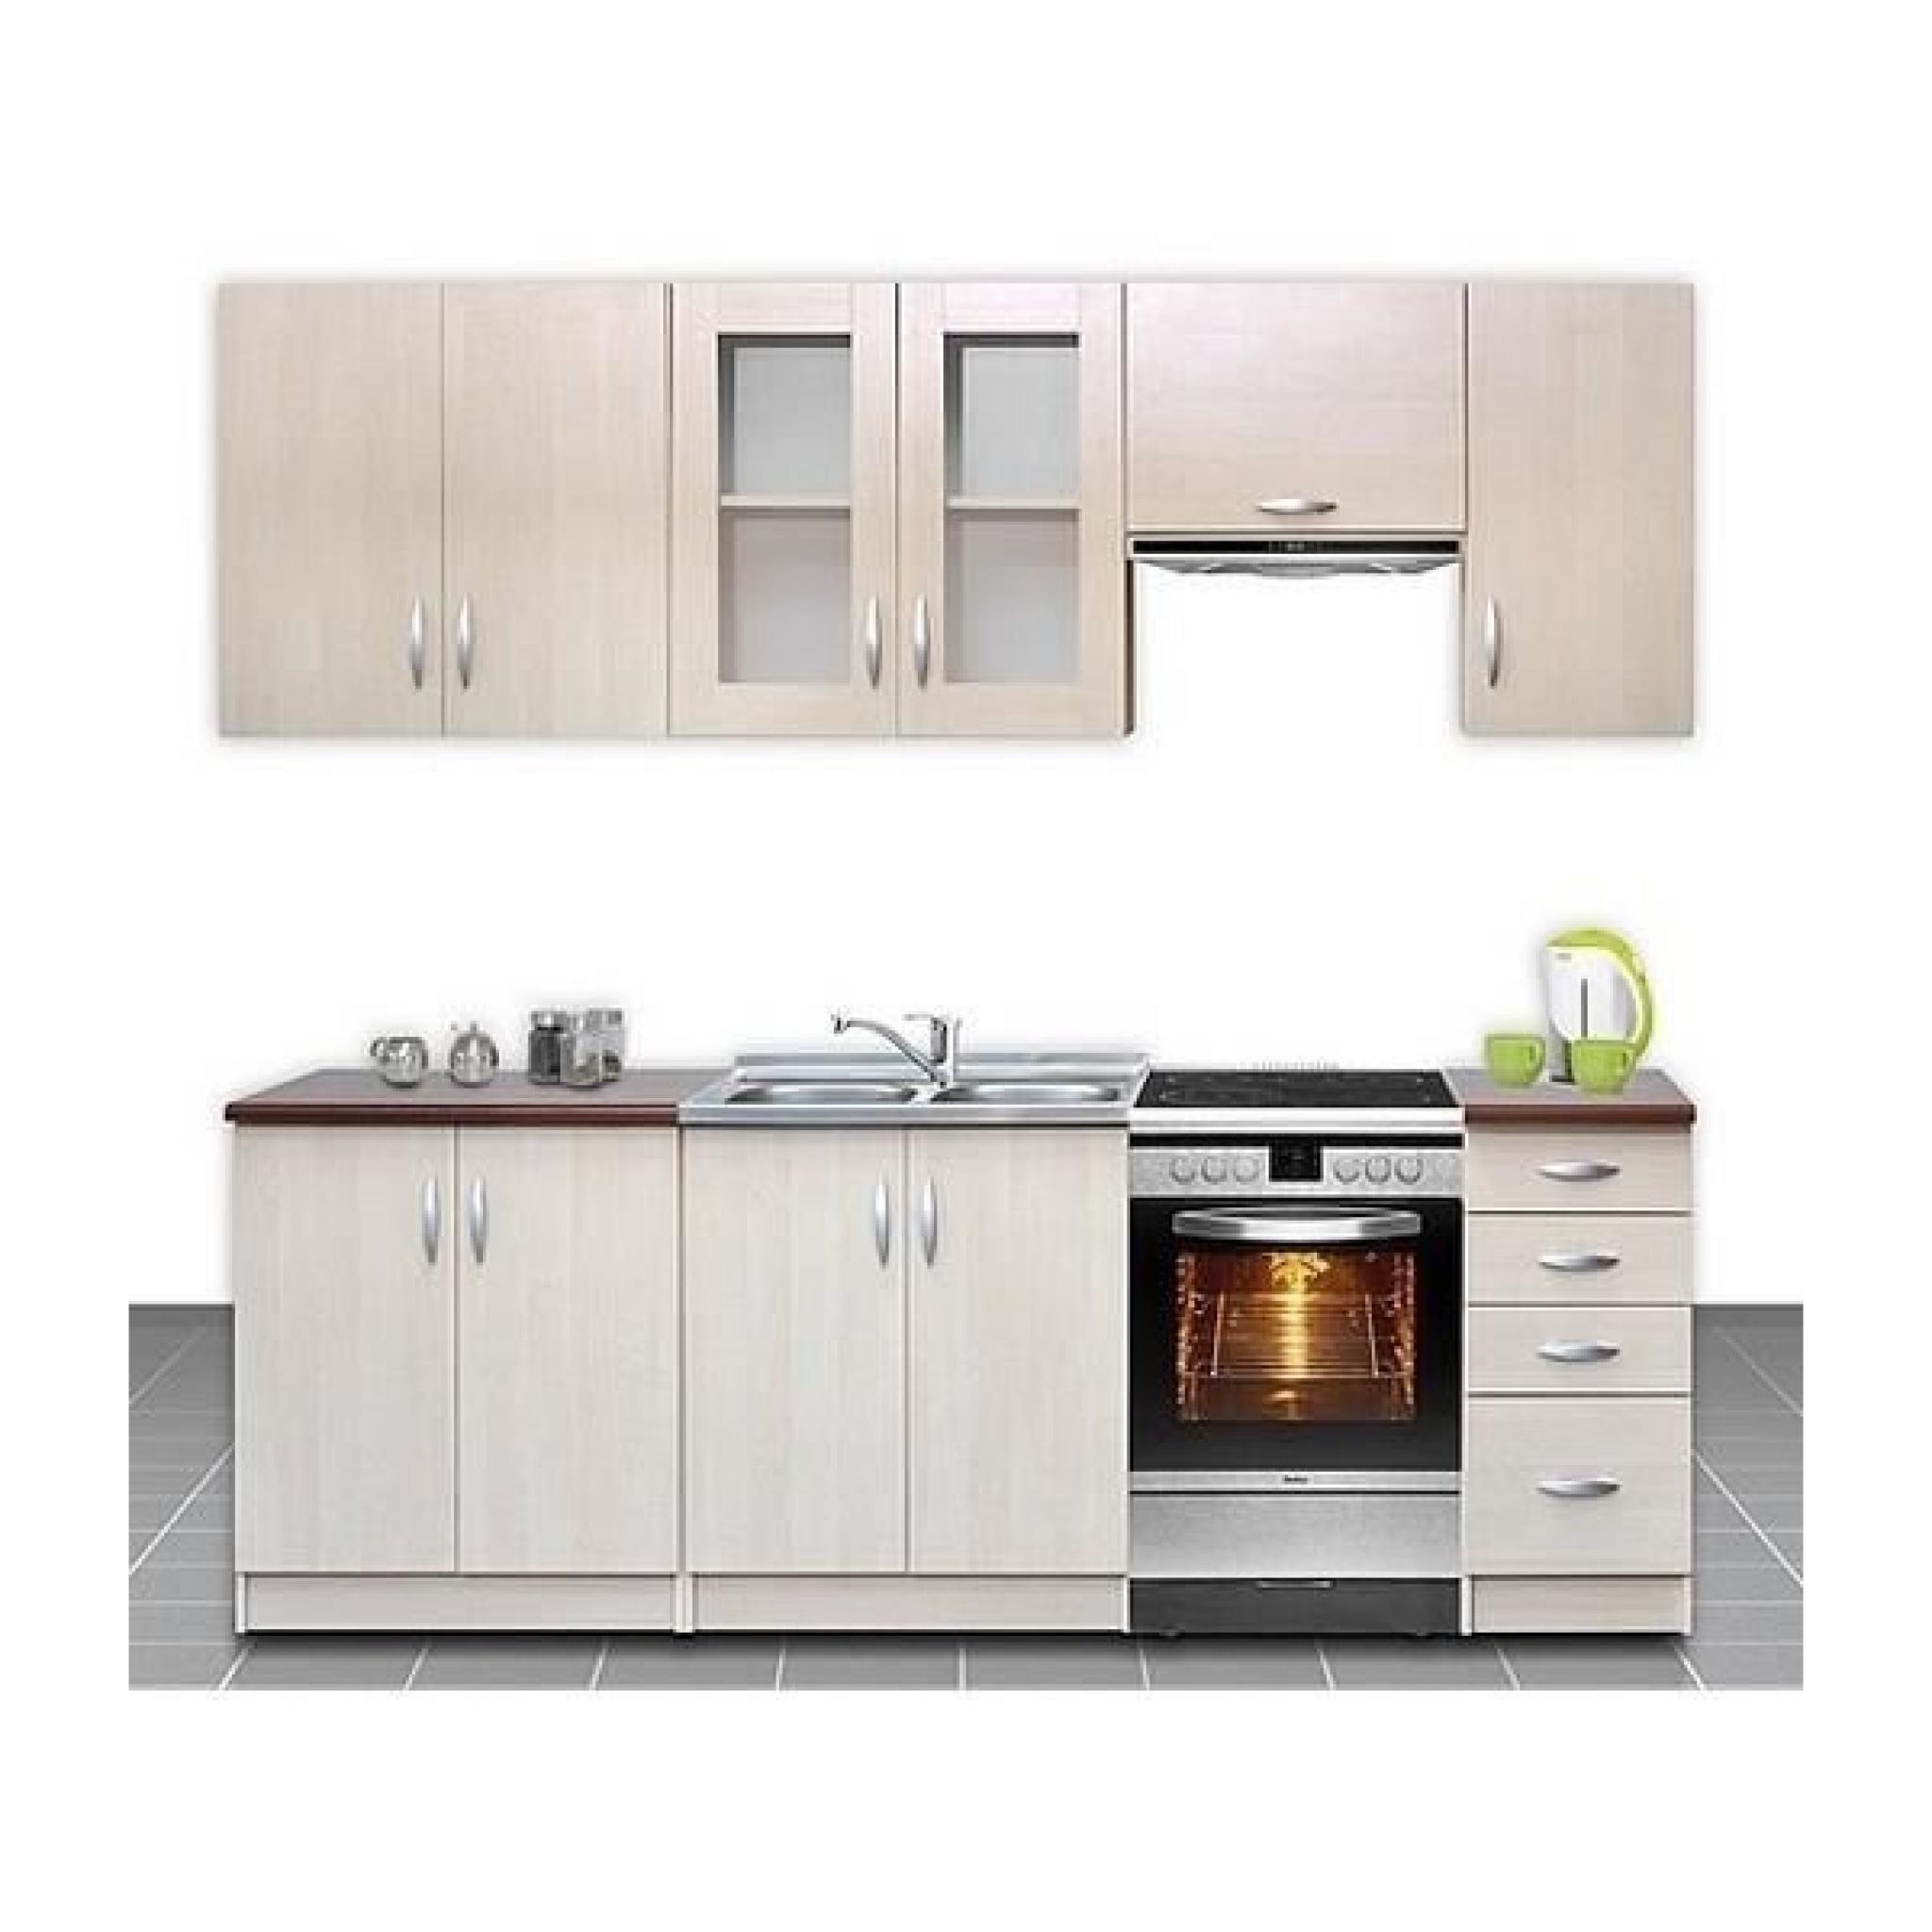 Cuisine compl te 260 cm ocelia bois clair moderne achat vente cuisine complete pas cher for Cuisine complete moderne